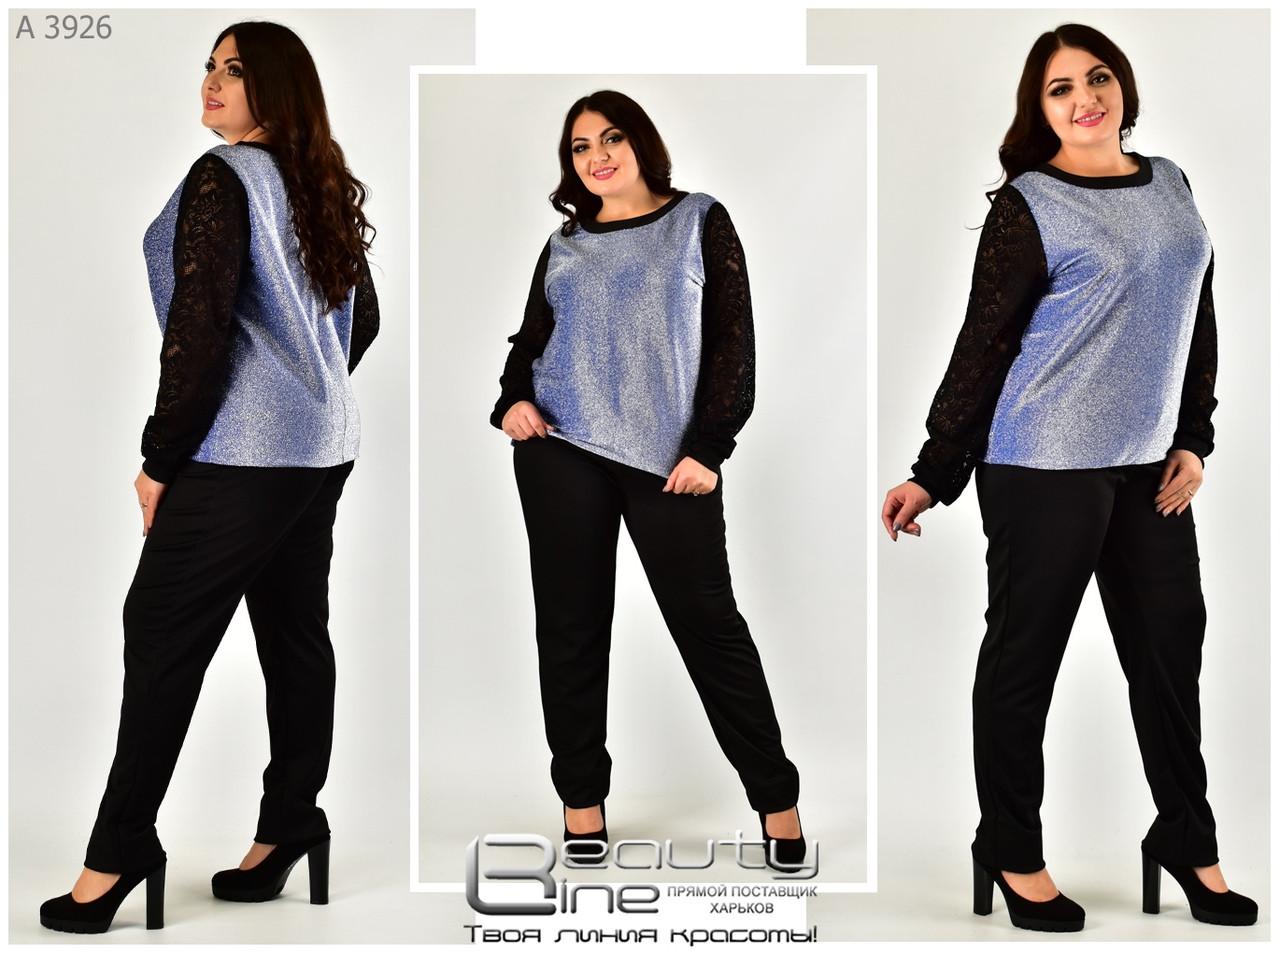 Женский нарядный костюм брюки креп дайвинг и кофта люрекс рукава гипюр Размер: 54.56.58.60.62.64